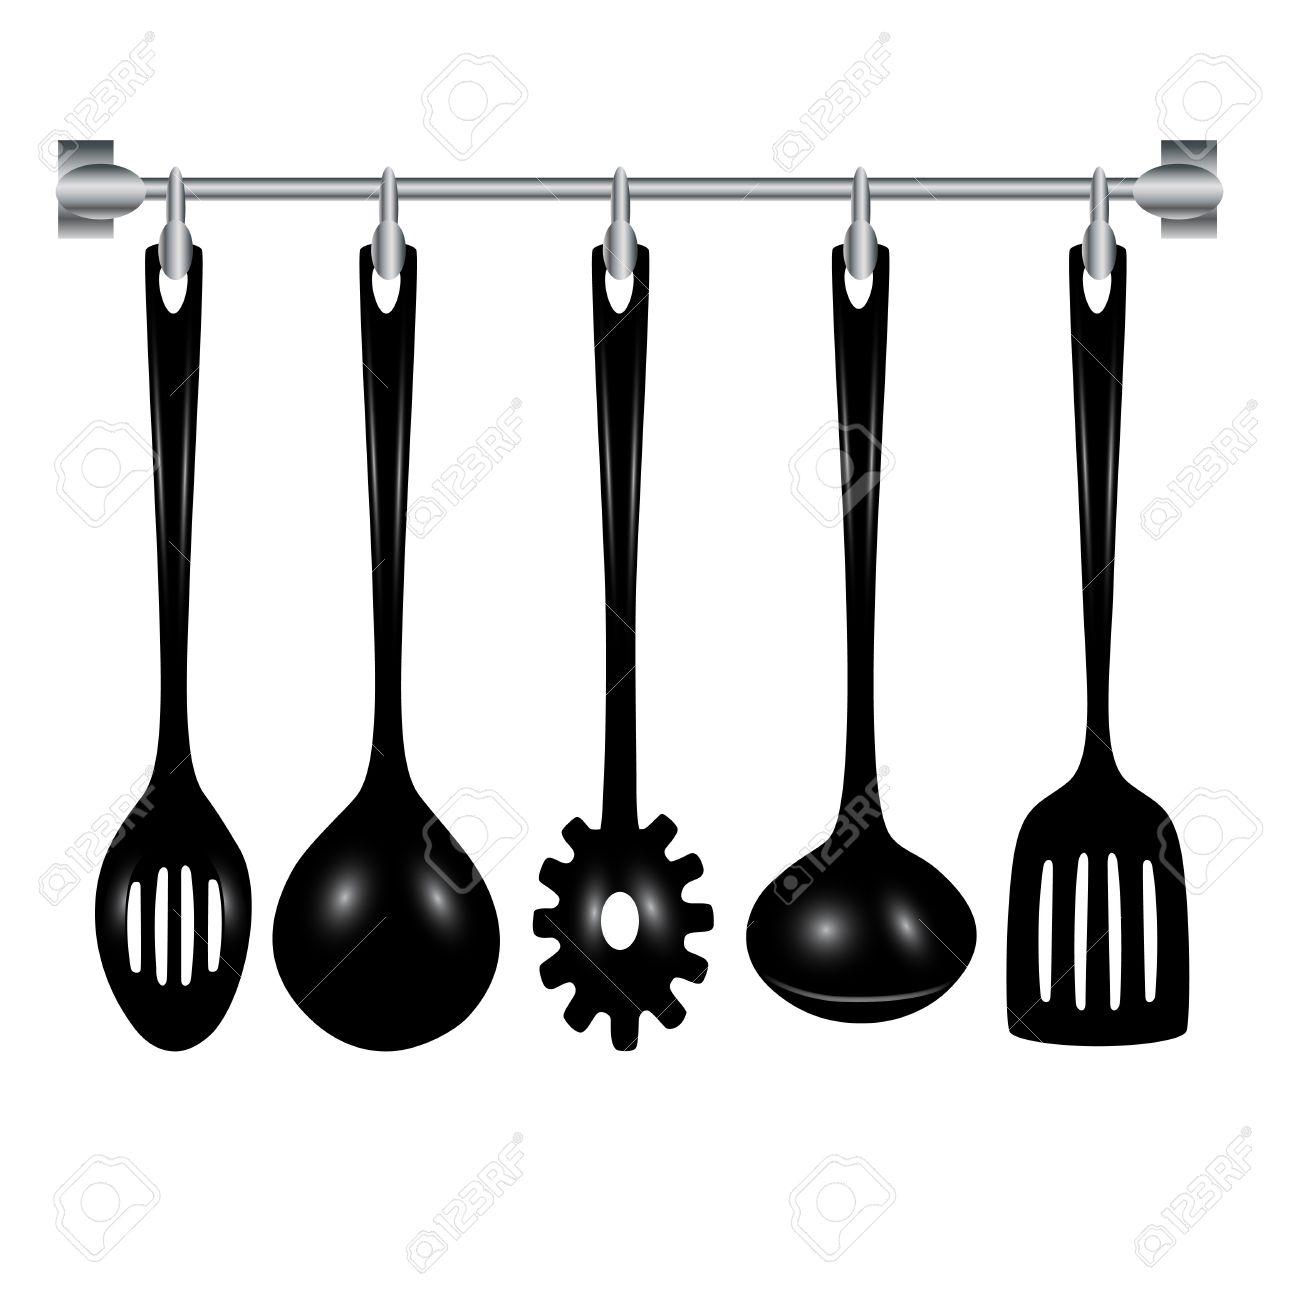 Utensili Da Cucina Appesi Isolato Su Bianco Clipart Royalty-free ...